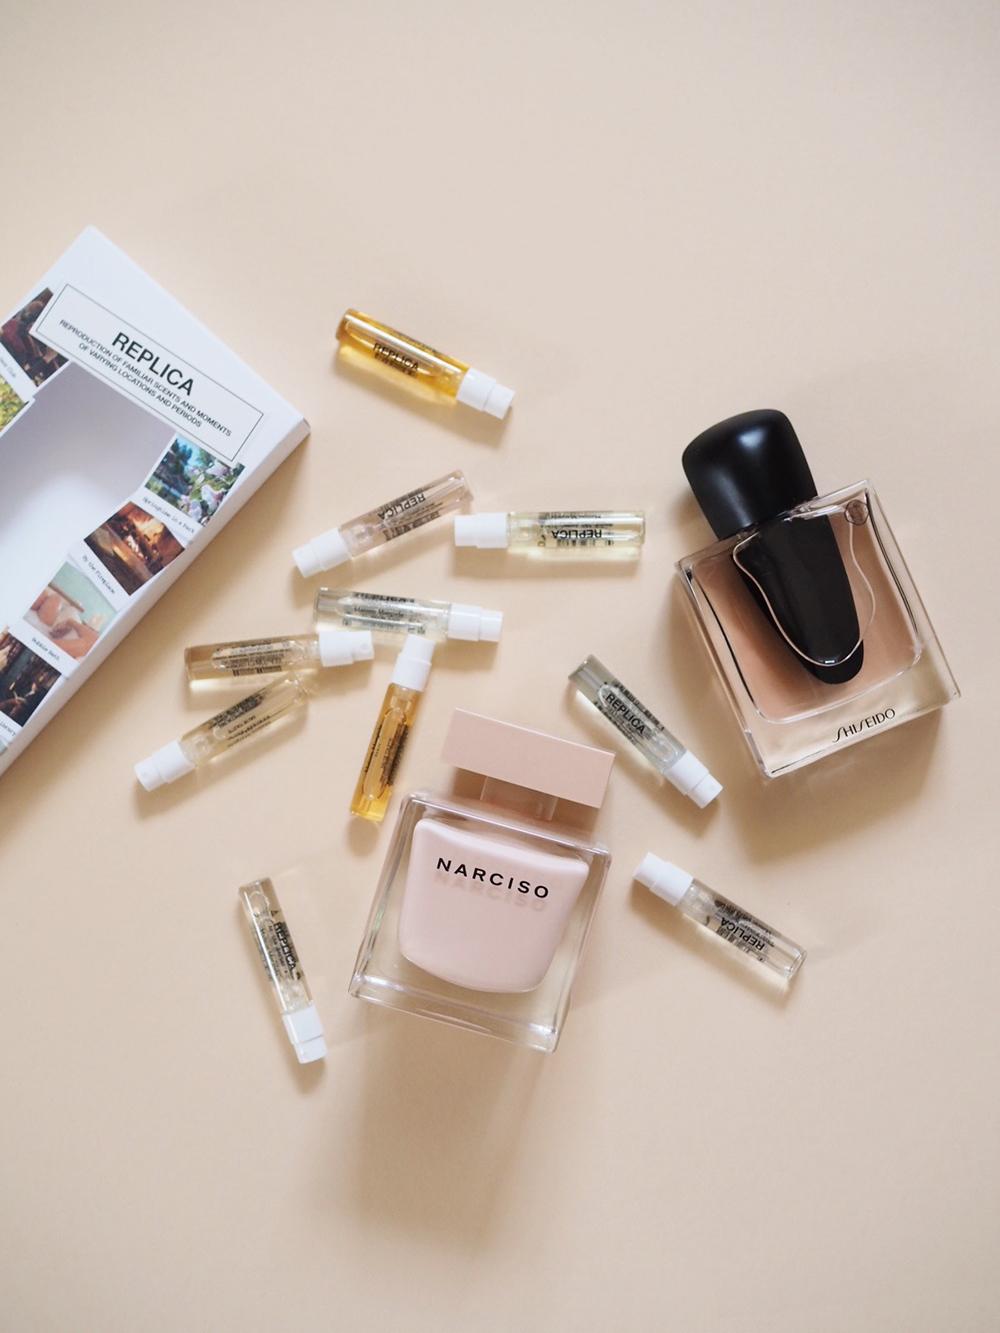 flaconi Beautygeschenke online Was schenke ich Hanna Schumi